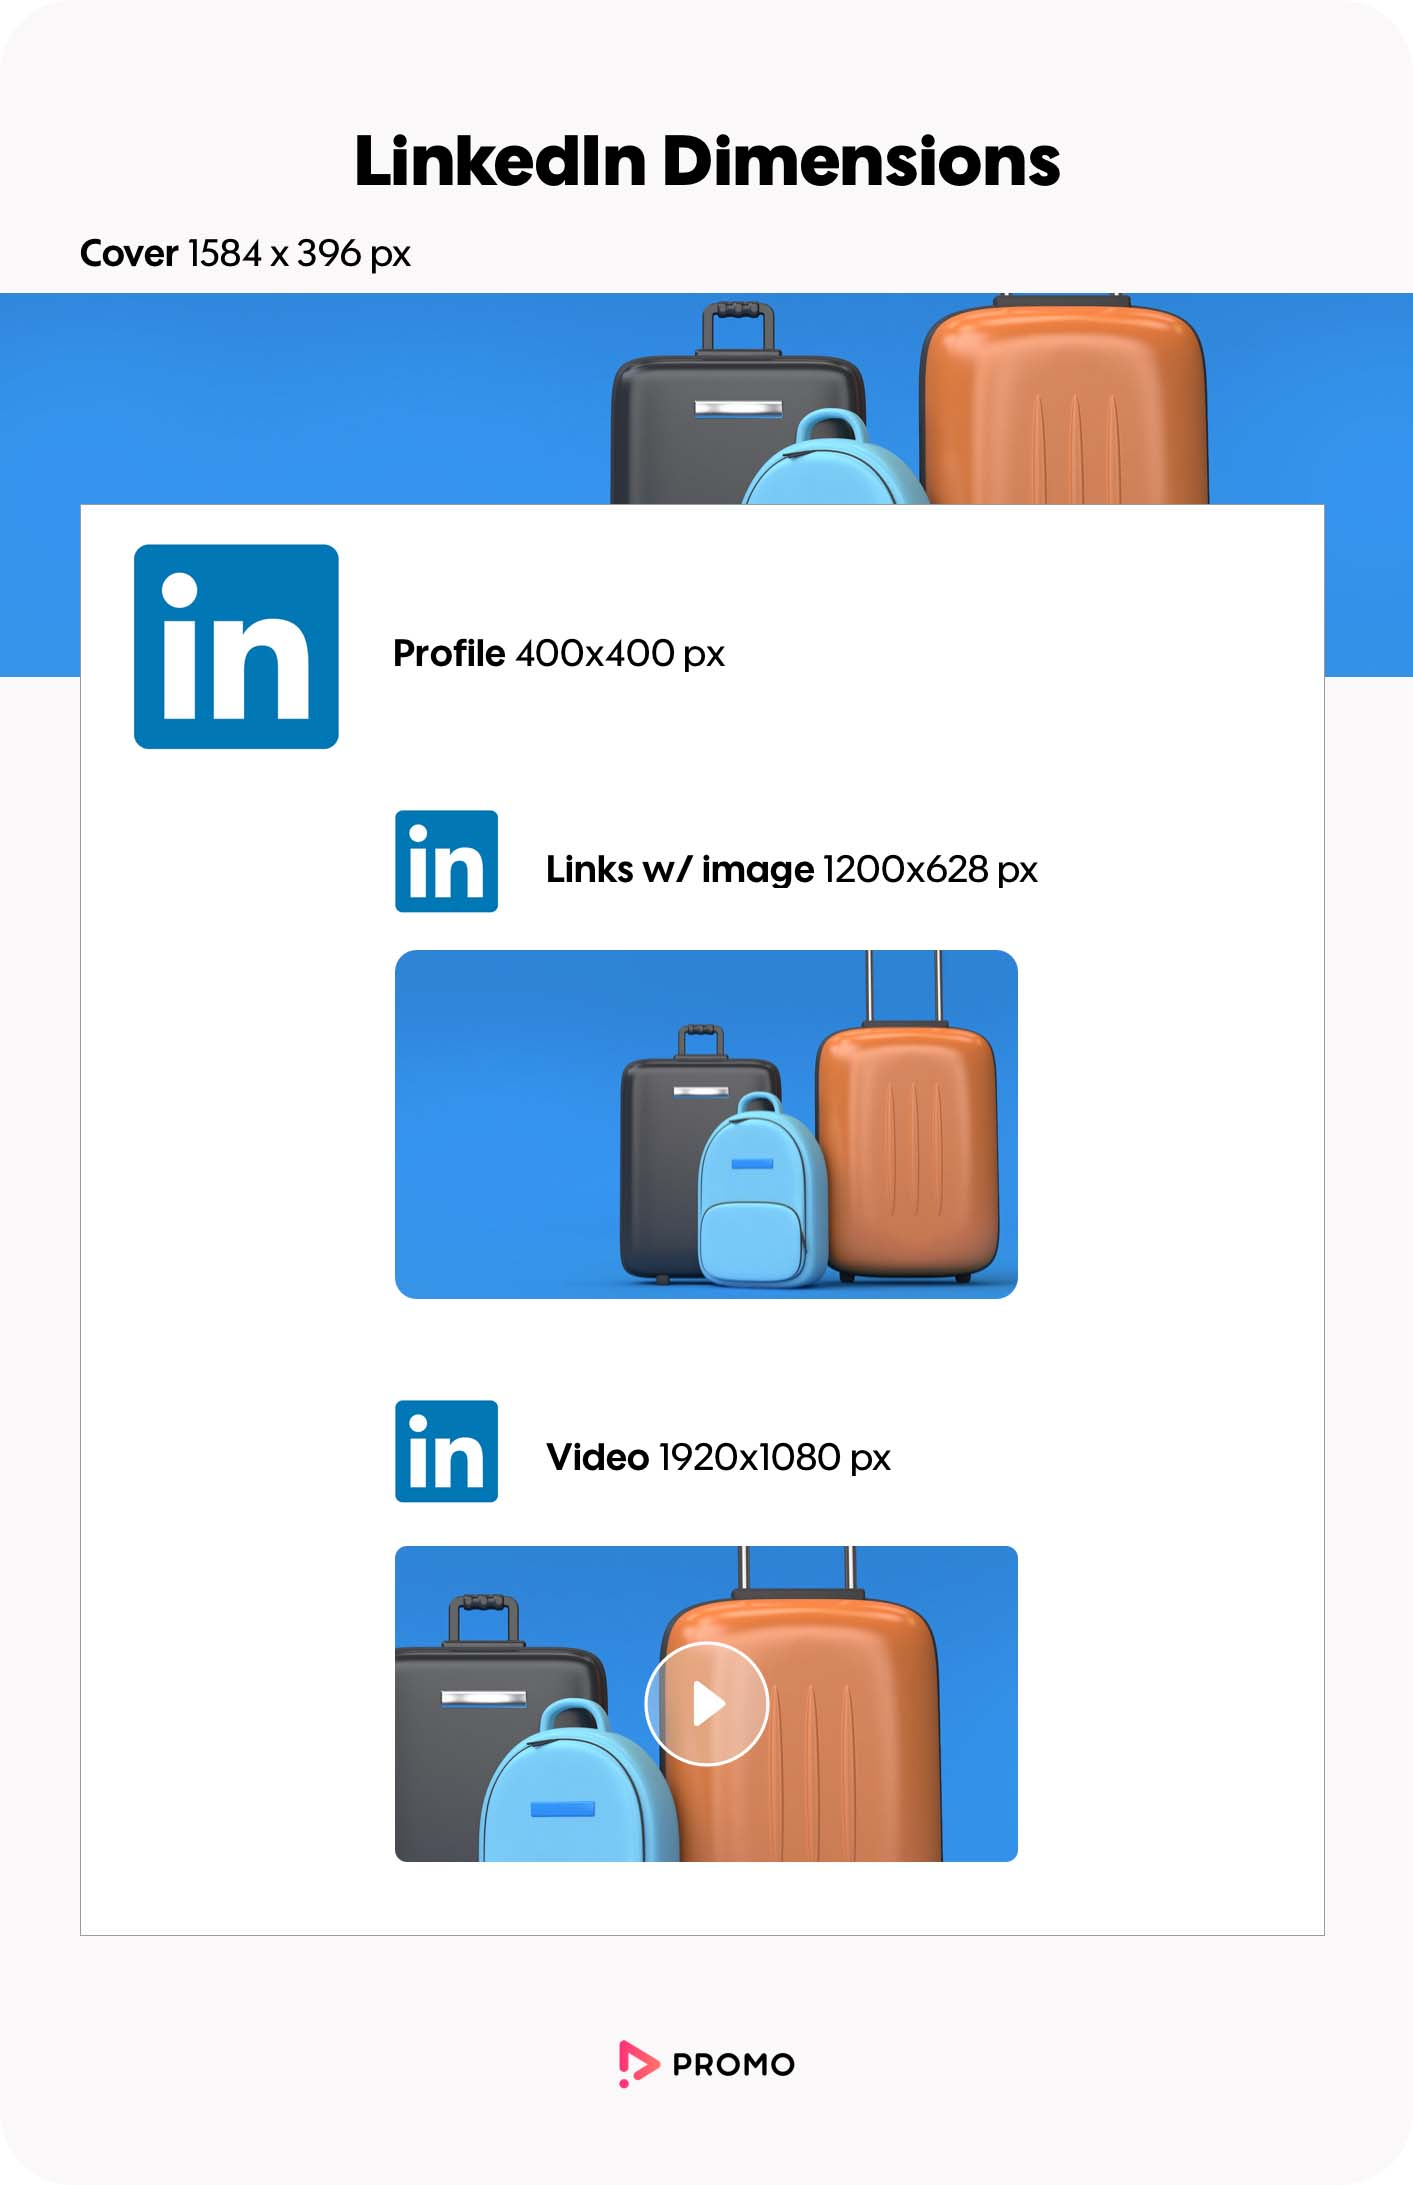 LinkedIn Image Sizes